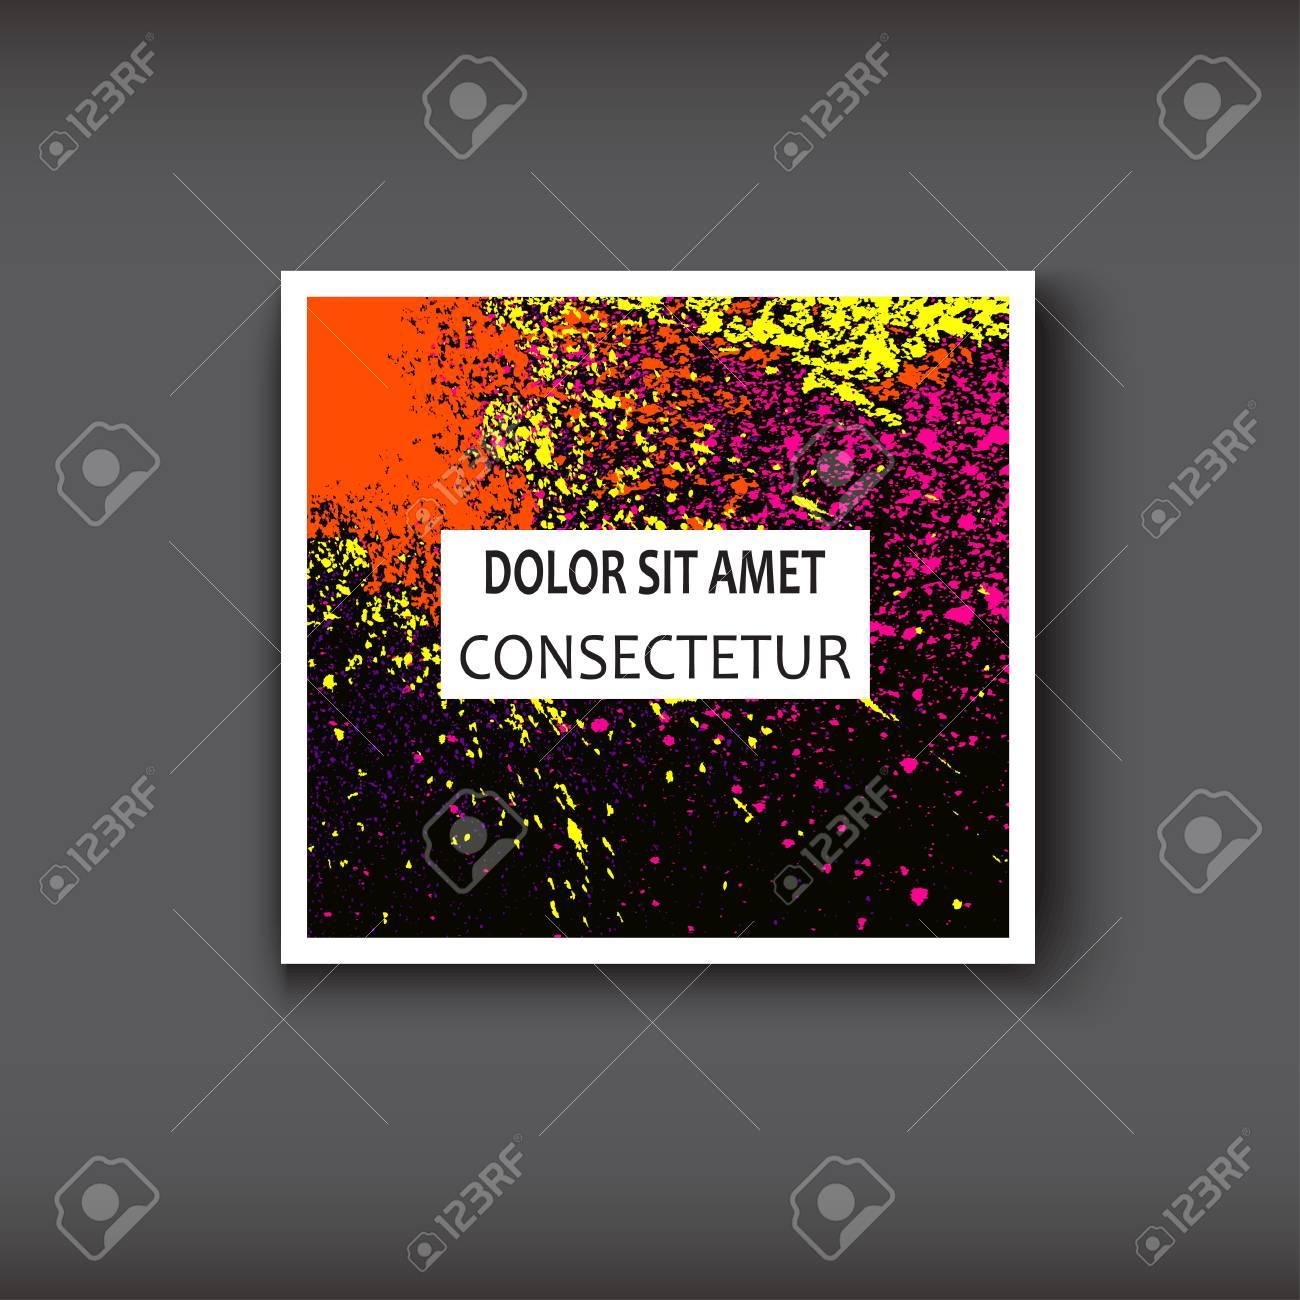 Couleurs Fluides De Peinture Texture Dcorative Des Milieux Sombres Illustration Vecteur Modle Branch Pour Flyer Carte Visite Affiche